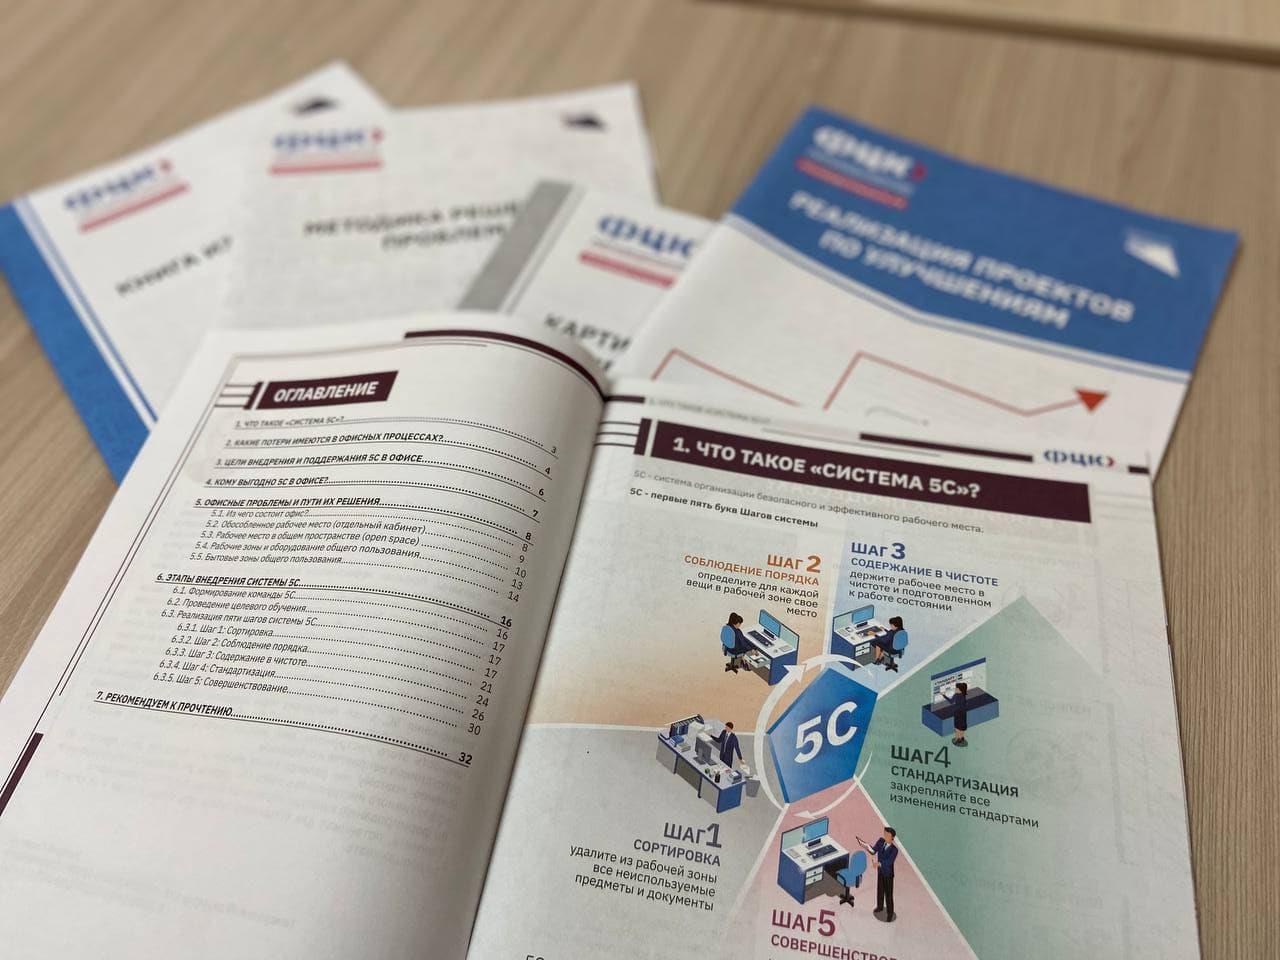 Сотрудников органов исполнительной власти Волгоградской области обучили бережливым технологиям